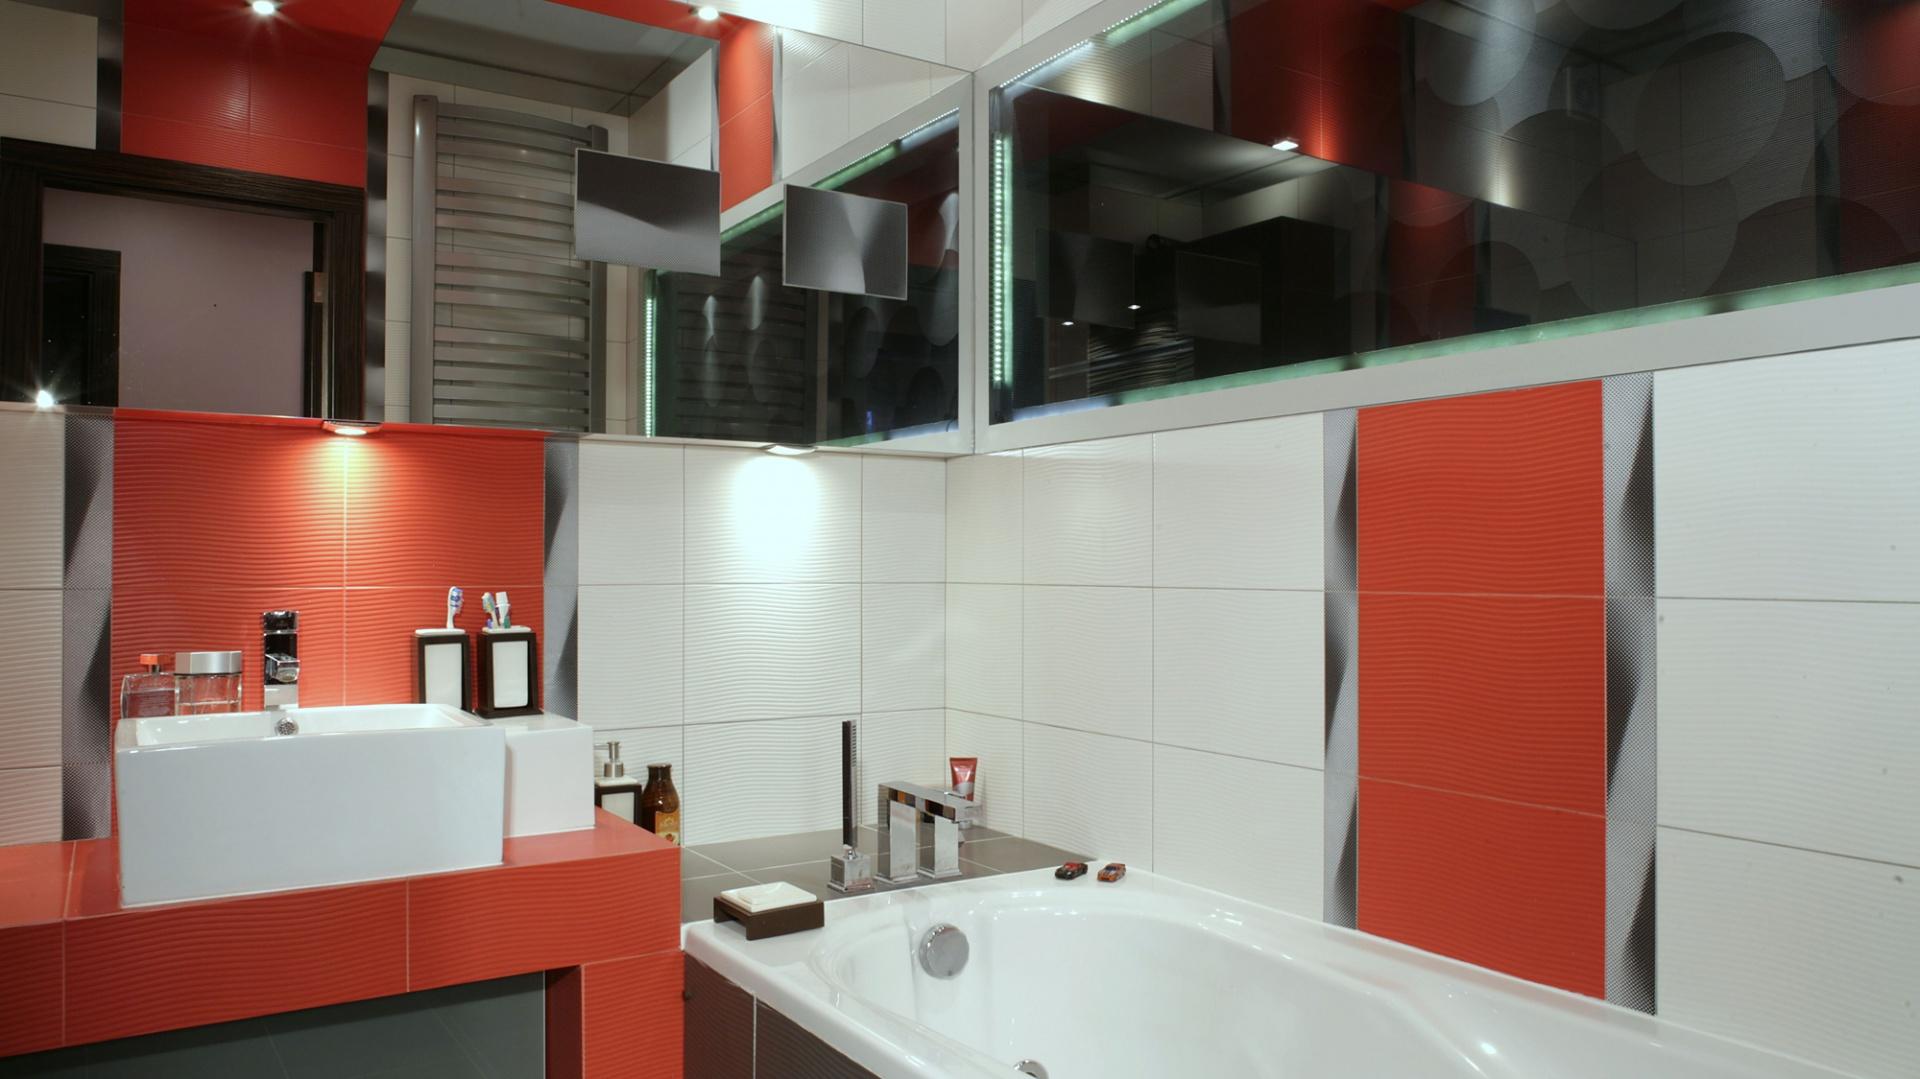 Łazienkę dodatkowo powiększa sufit podwieszany – i to nie byle jaki! Granicę między nim a płytkami zatarto poprzez naklejenie cienkich lustrzanych pasów. Fot. Monika Filipiuk.